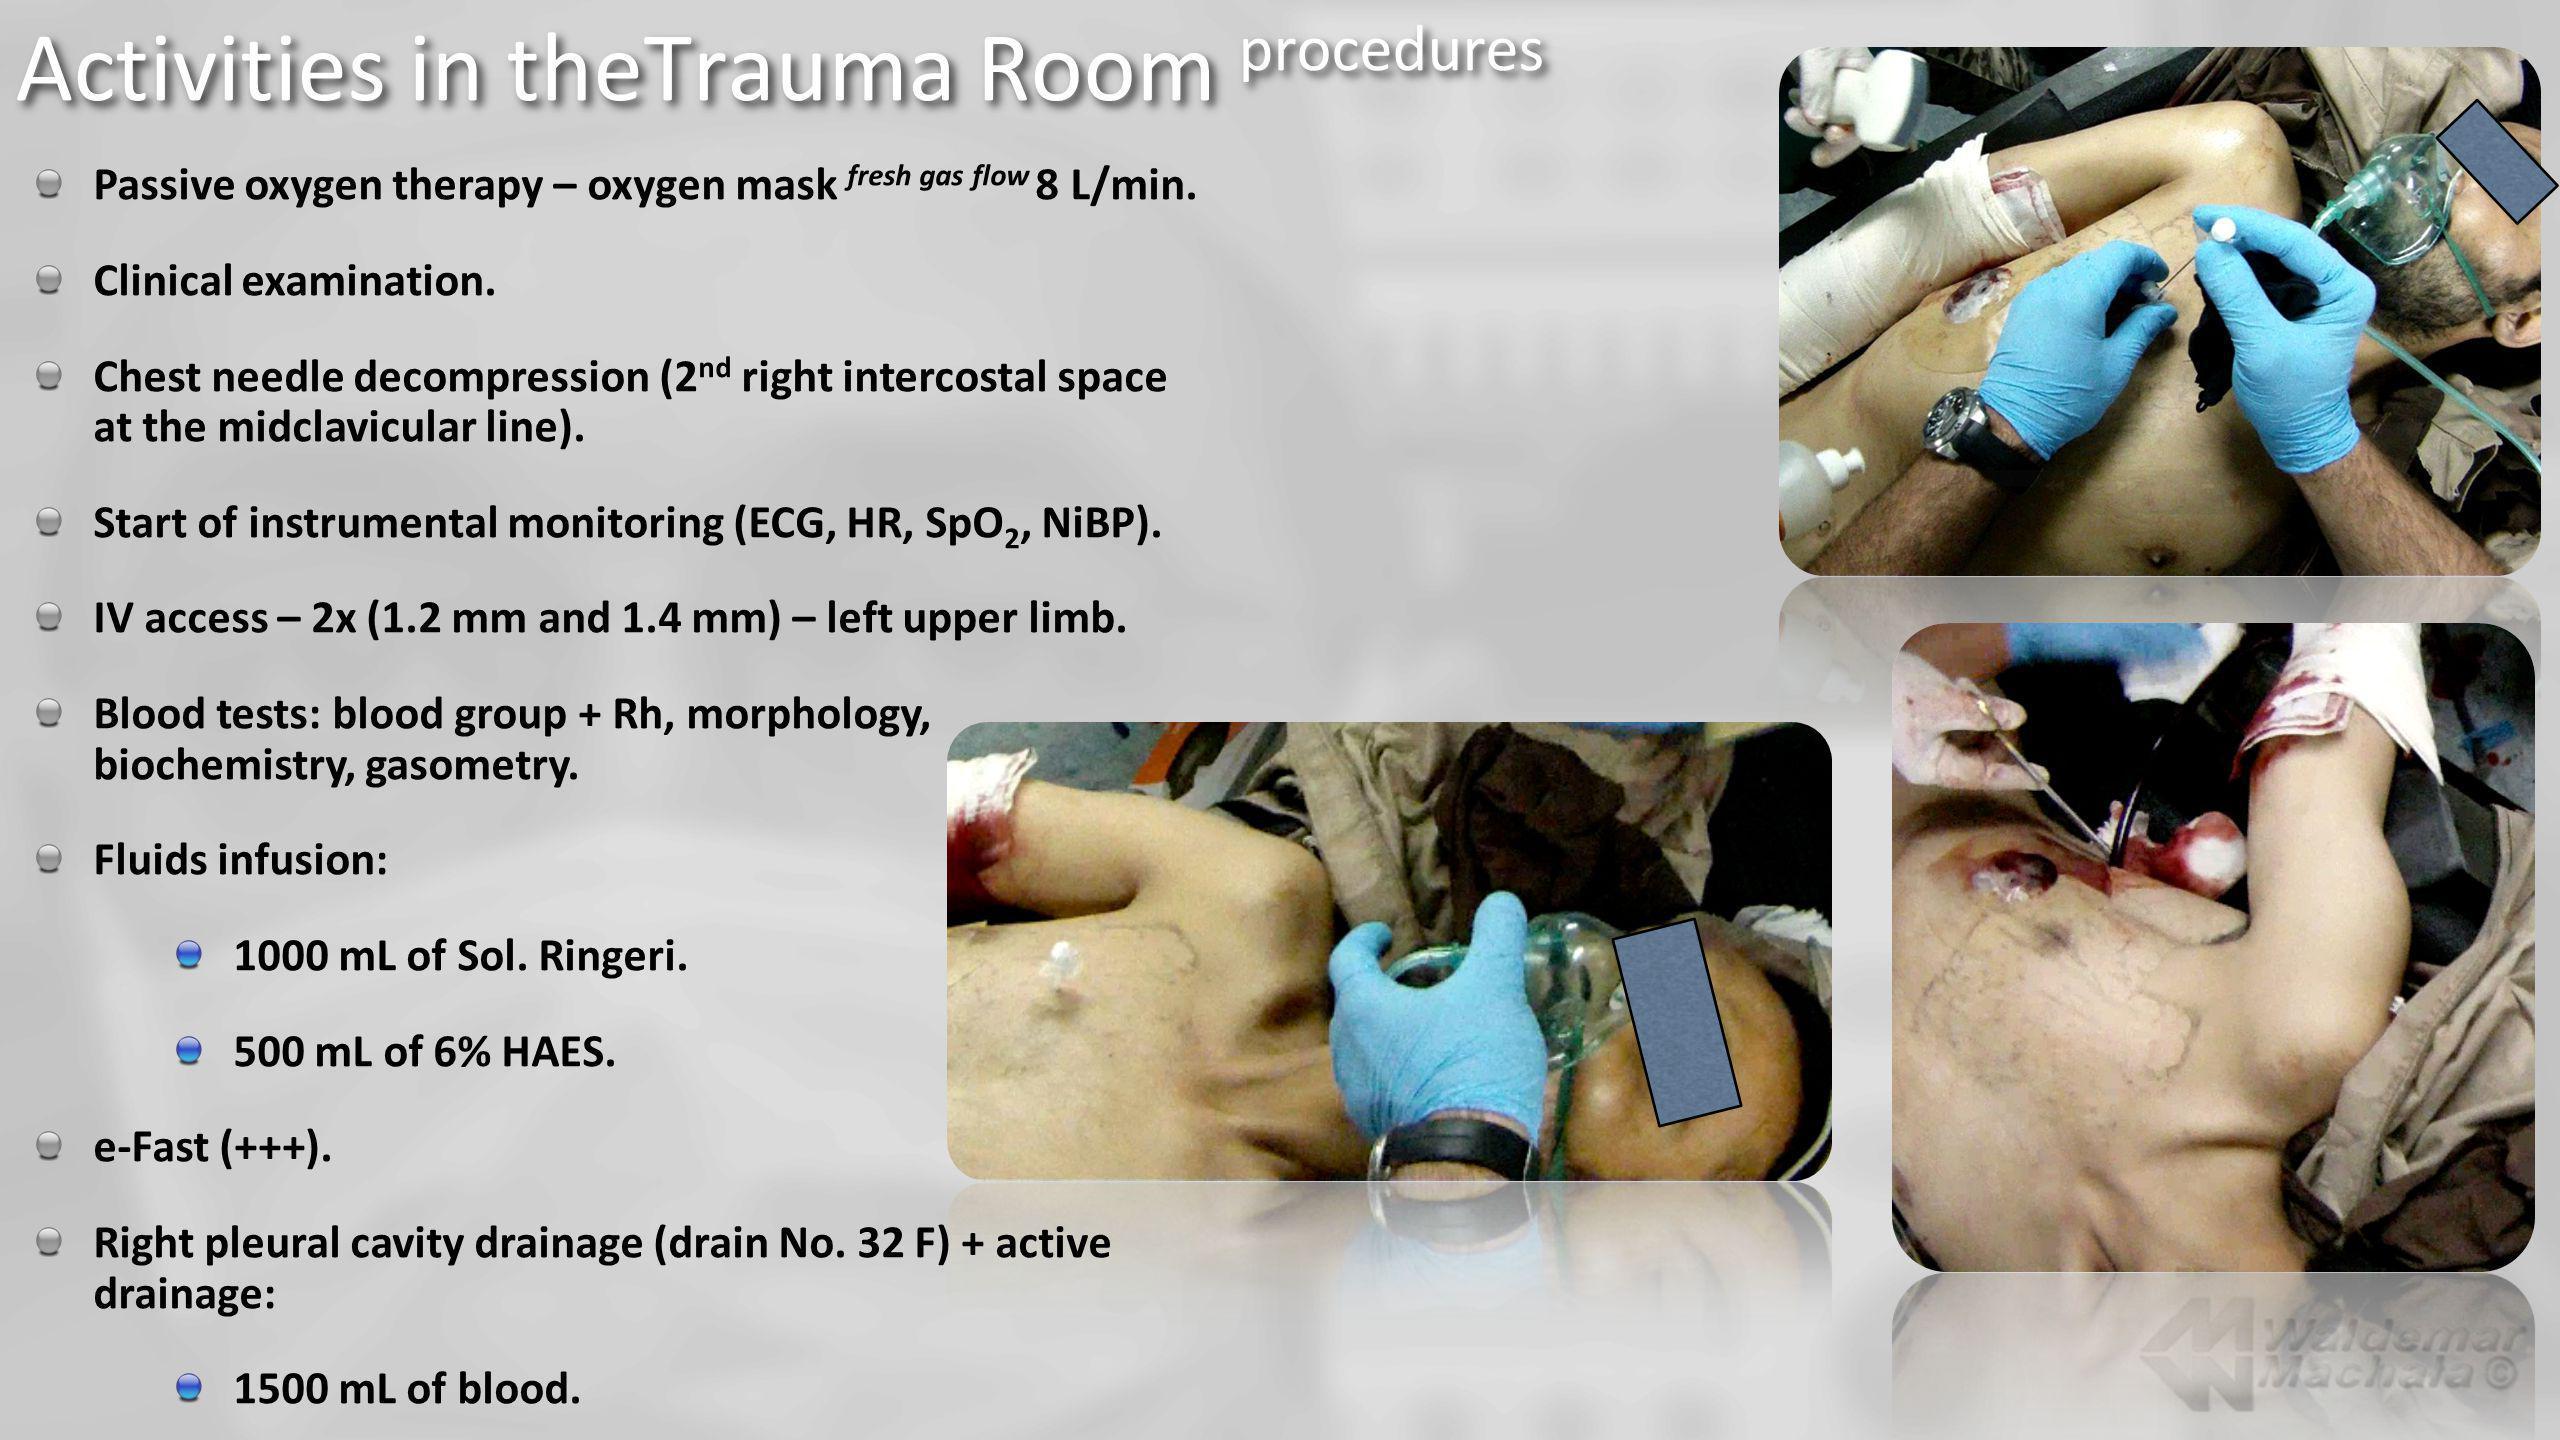 Activities in theTrauma Room procedures